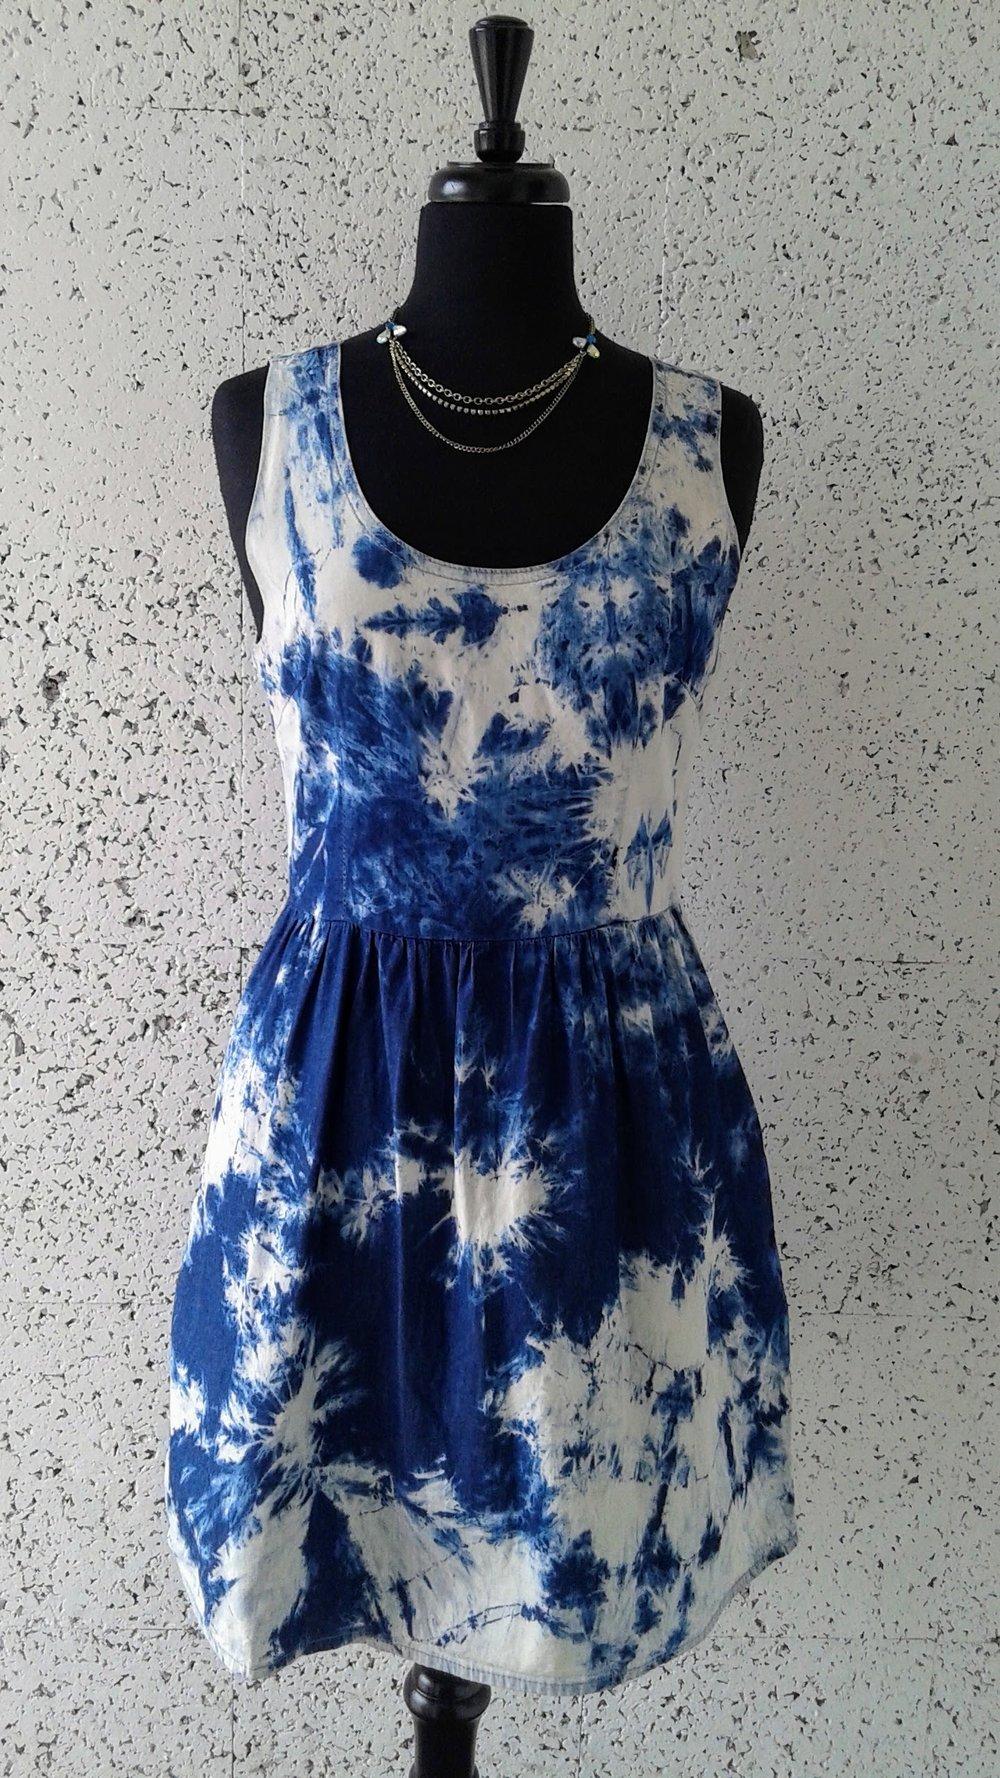 Lovelygirl  dress; Size M, $28